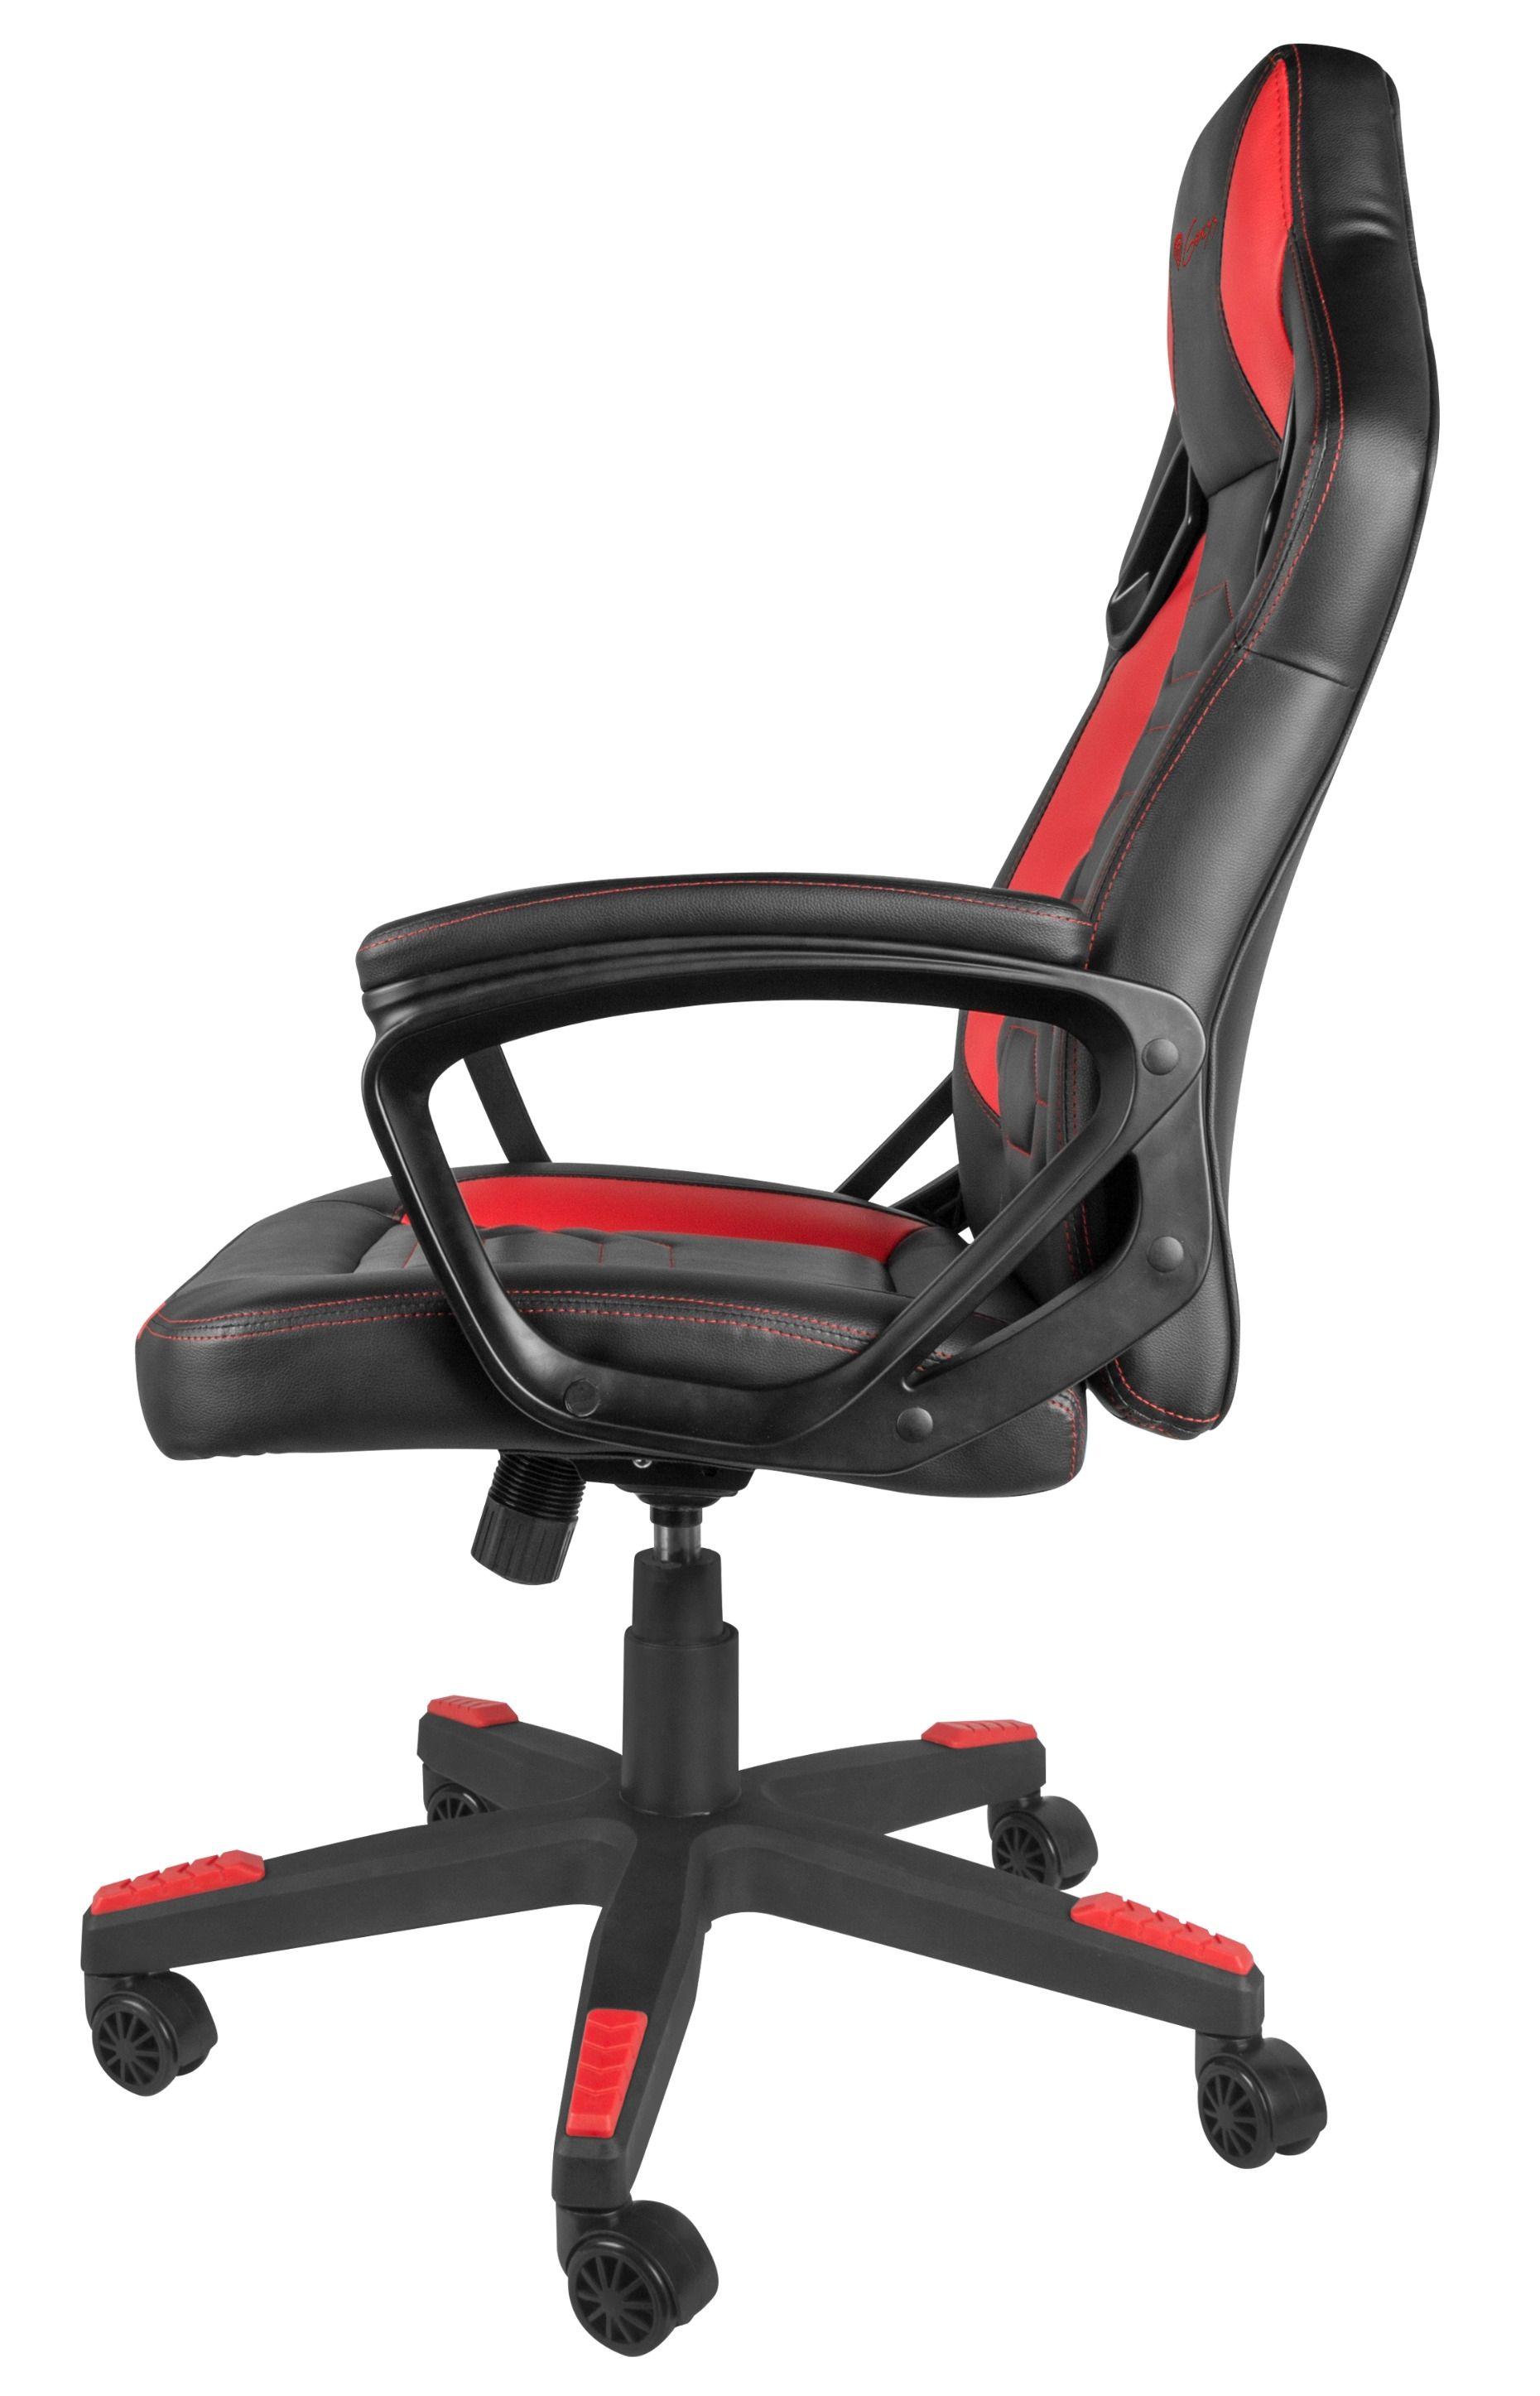 Гейминг стол Genesis - Nitro 370, червен/черен - 4